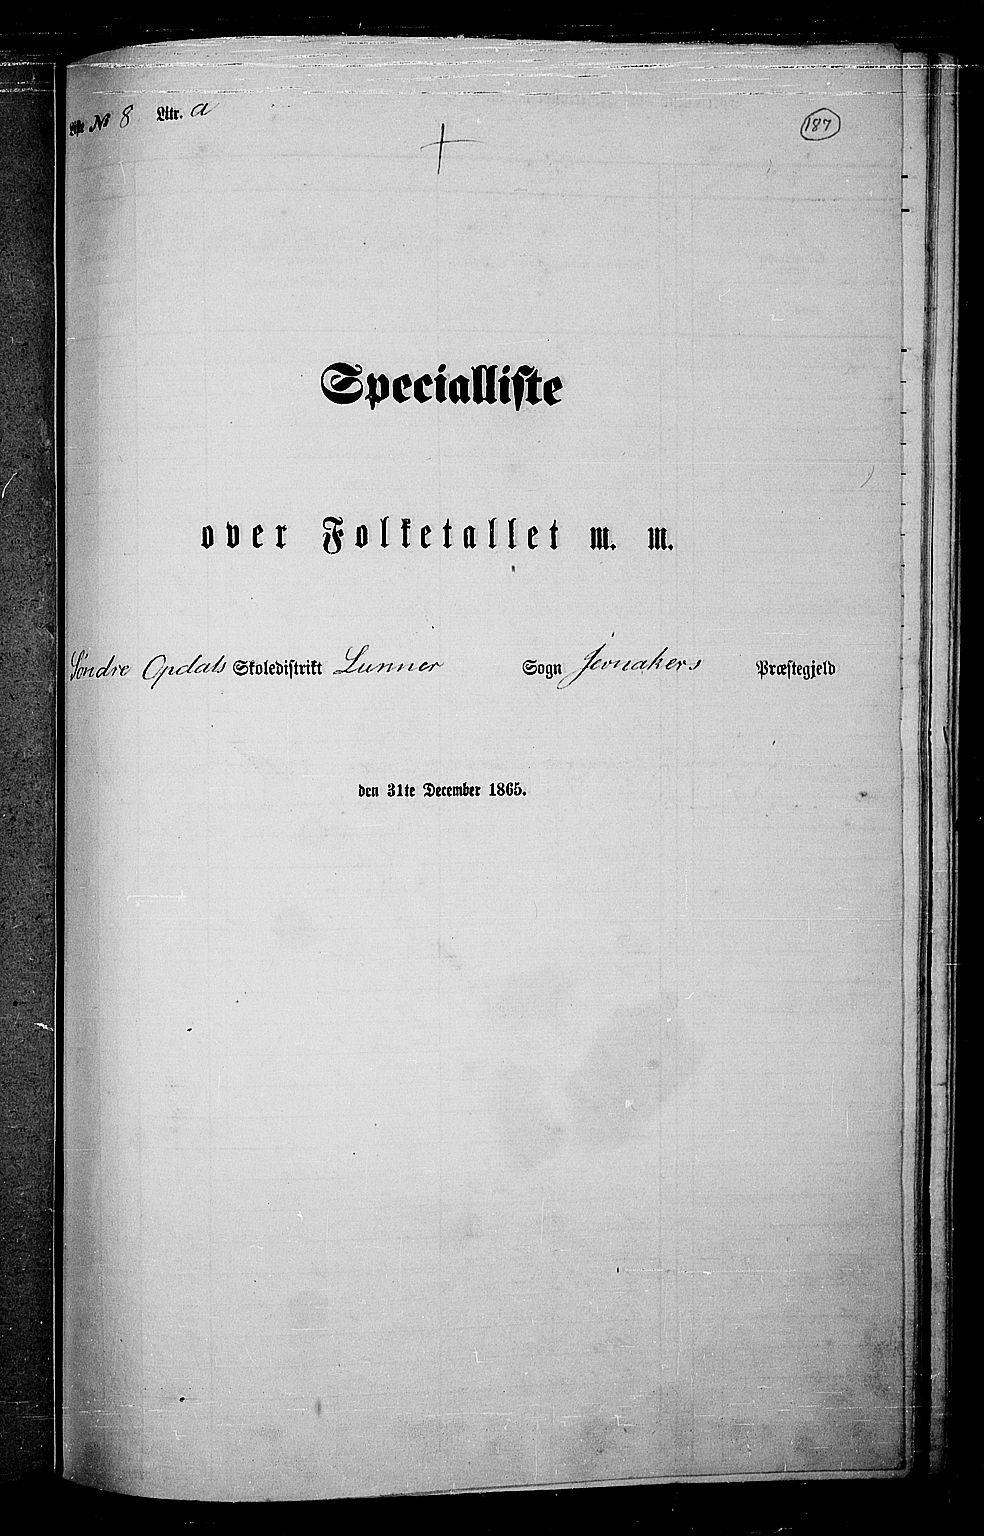 RA, Folketelling 1865 for 0532P Jevnaker prestegjeld, 1865, s. 171